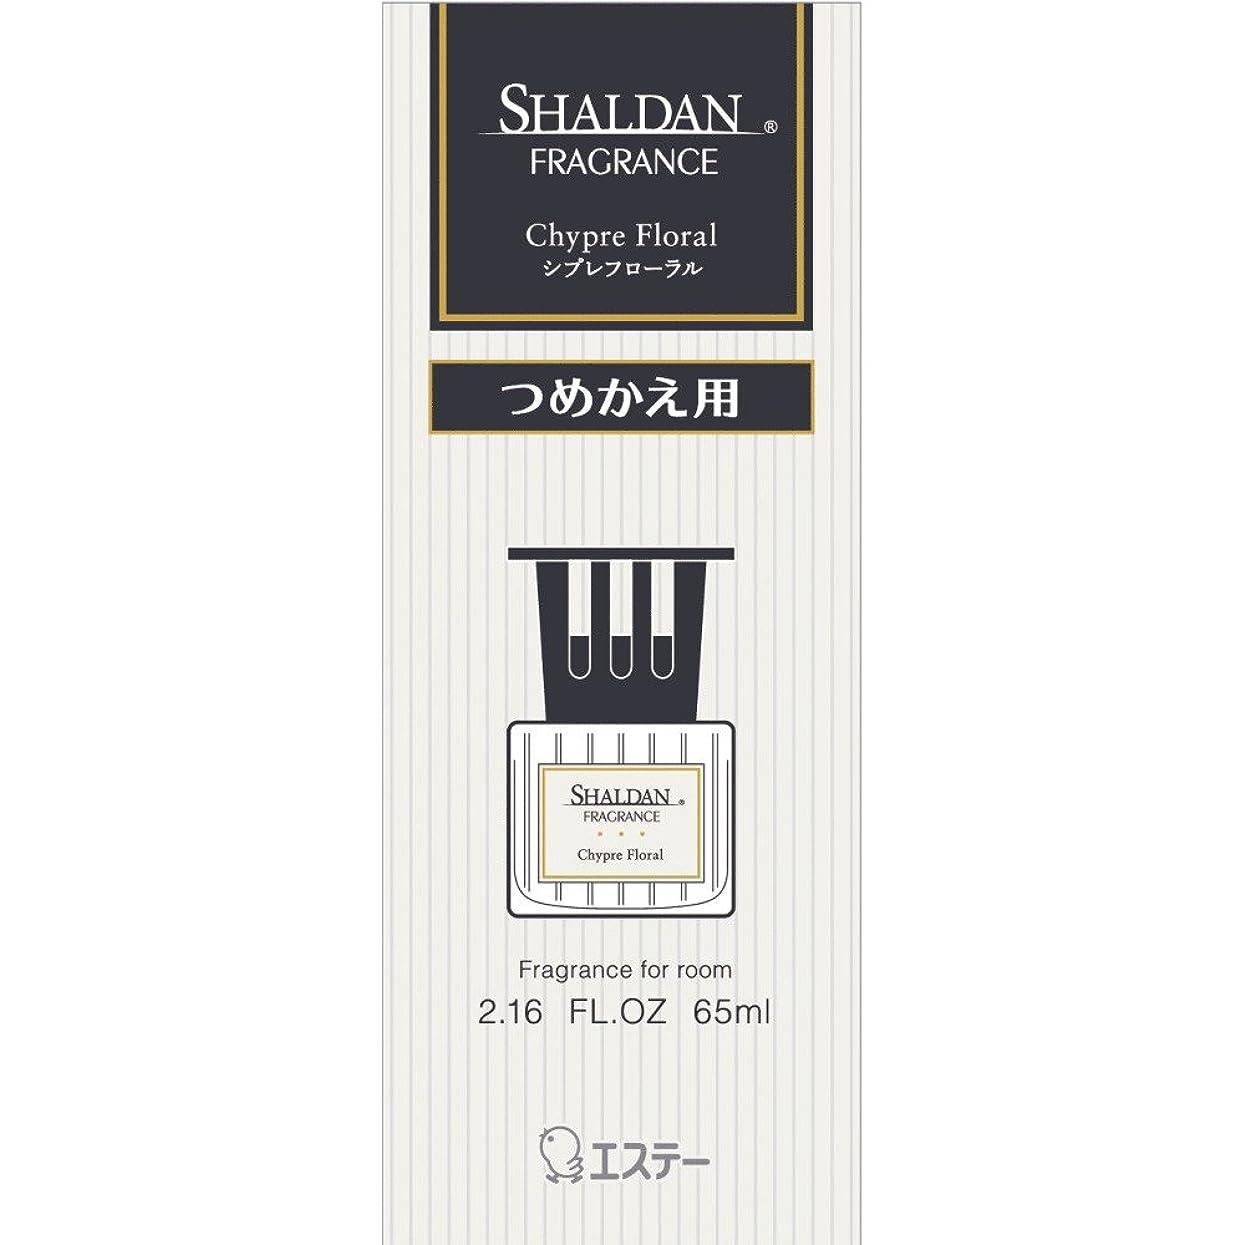 言い聞かせる間違っている再編成するシャルダン SHALDAN フレグランス 消臭芳香剤 部屋用 つめかえ シプレフローラル 65ml